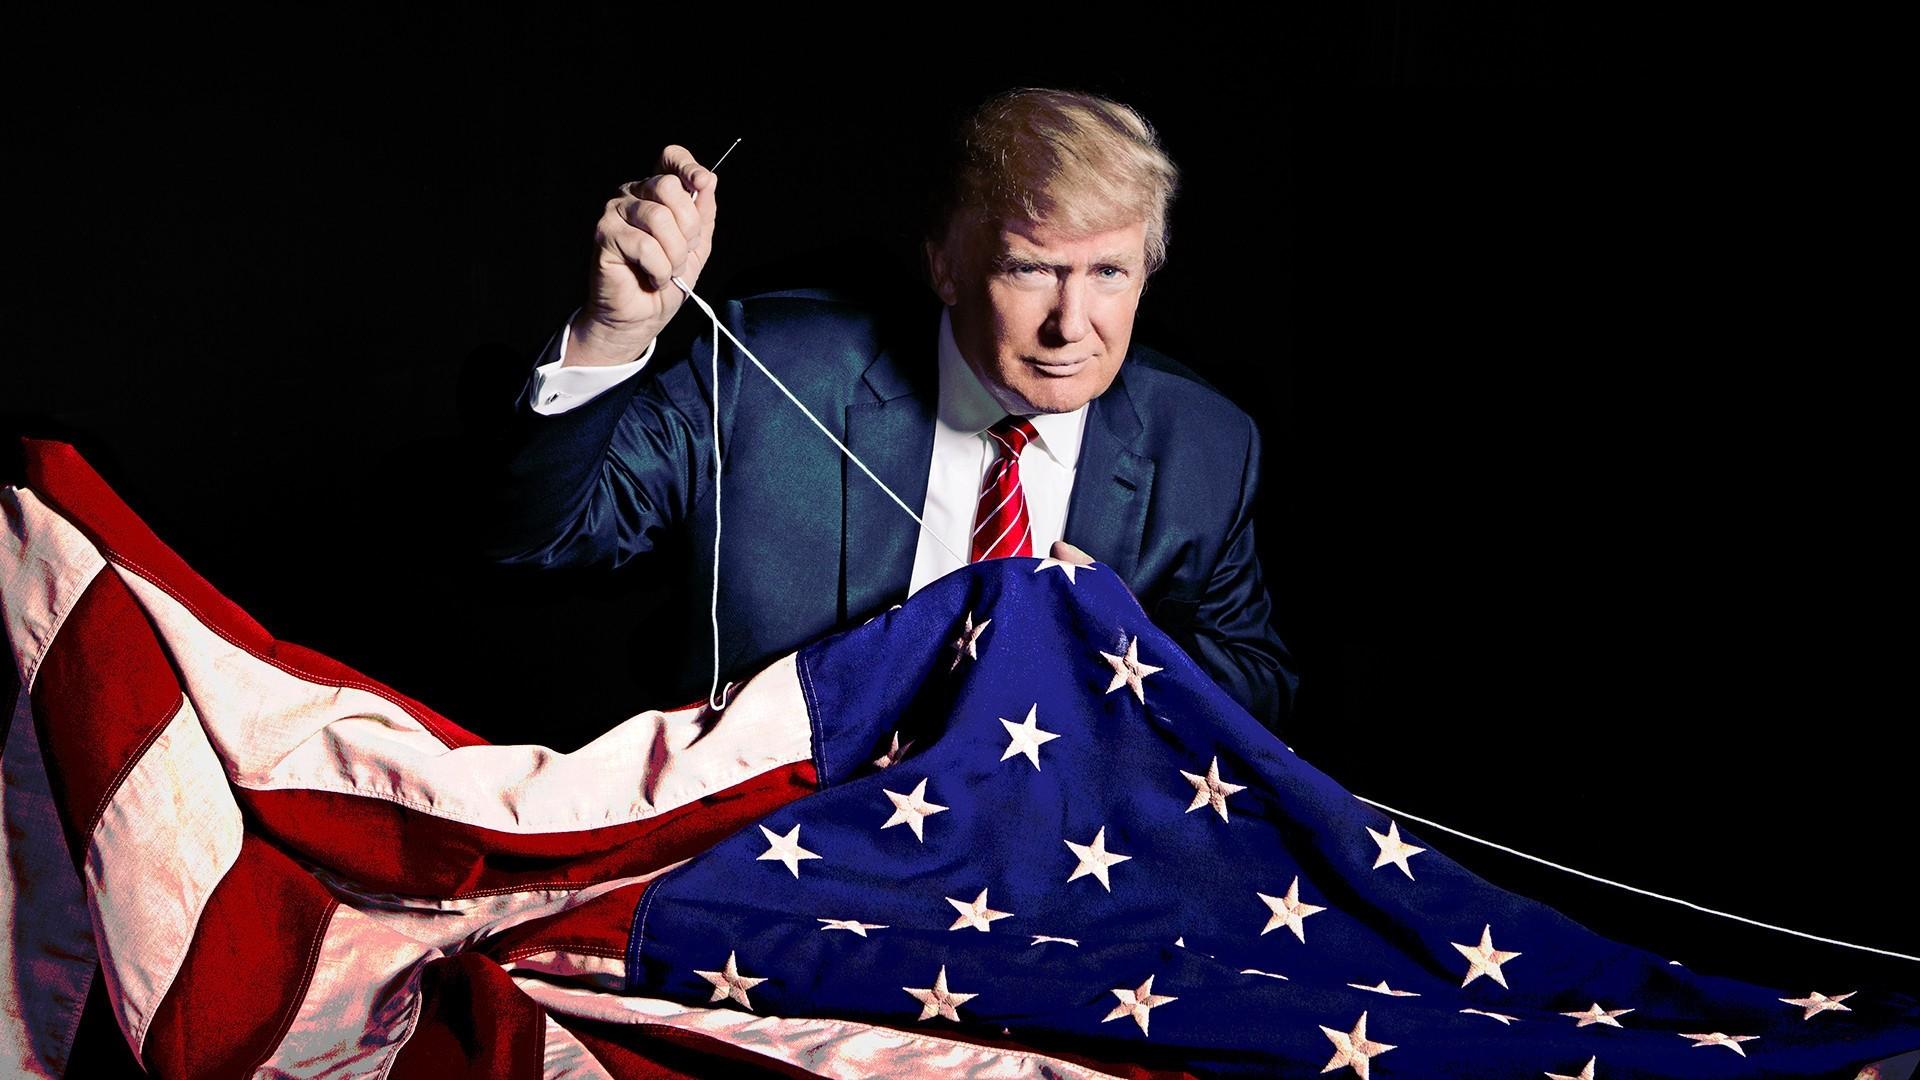 Donald Trump wallpaper photo hd